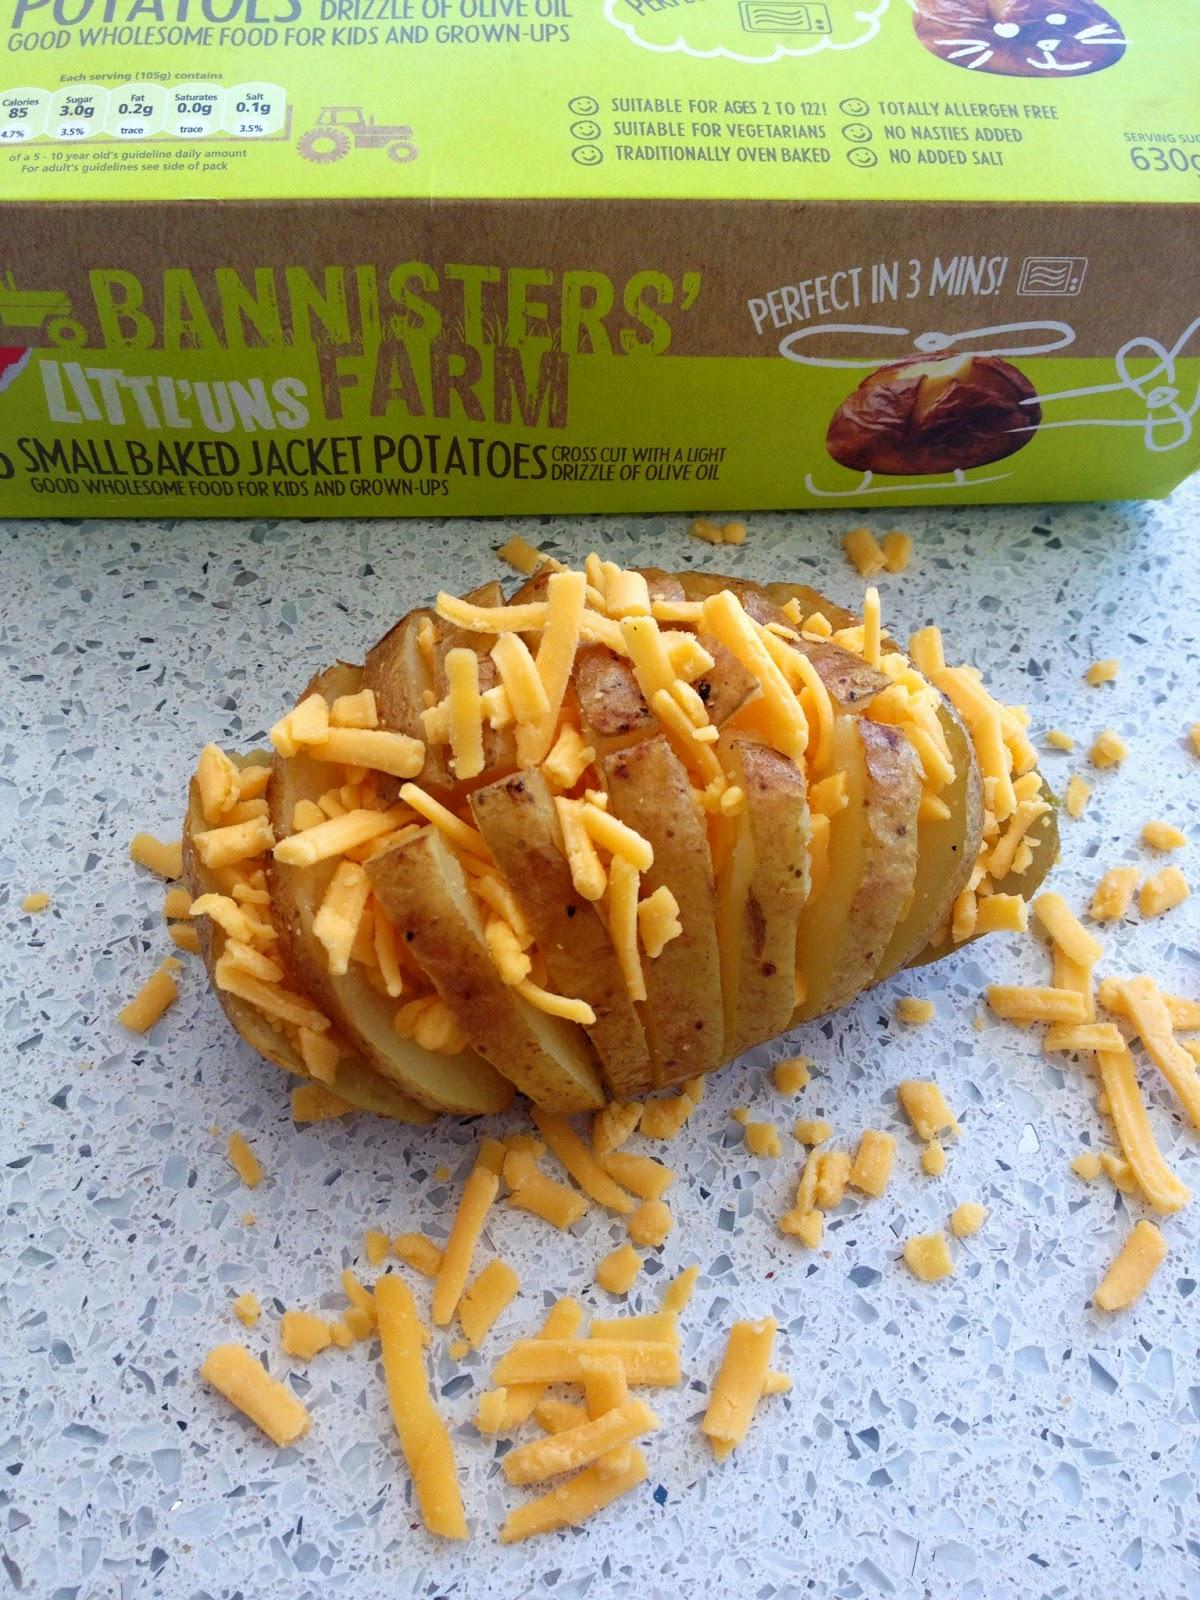 Bannisters' Farm Cheesy Beany Potato Hedgehogs Baked Jacket Potatoes